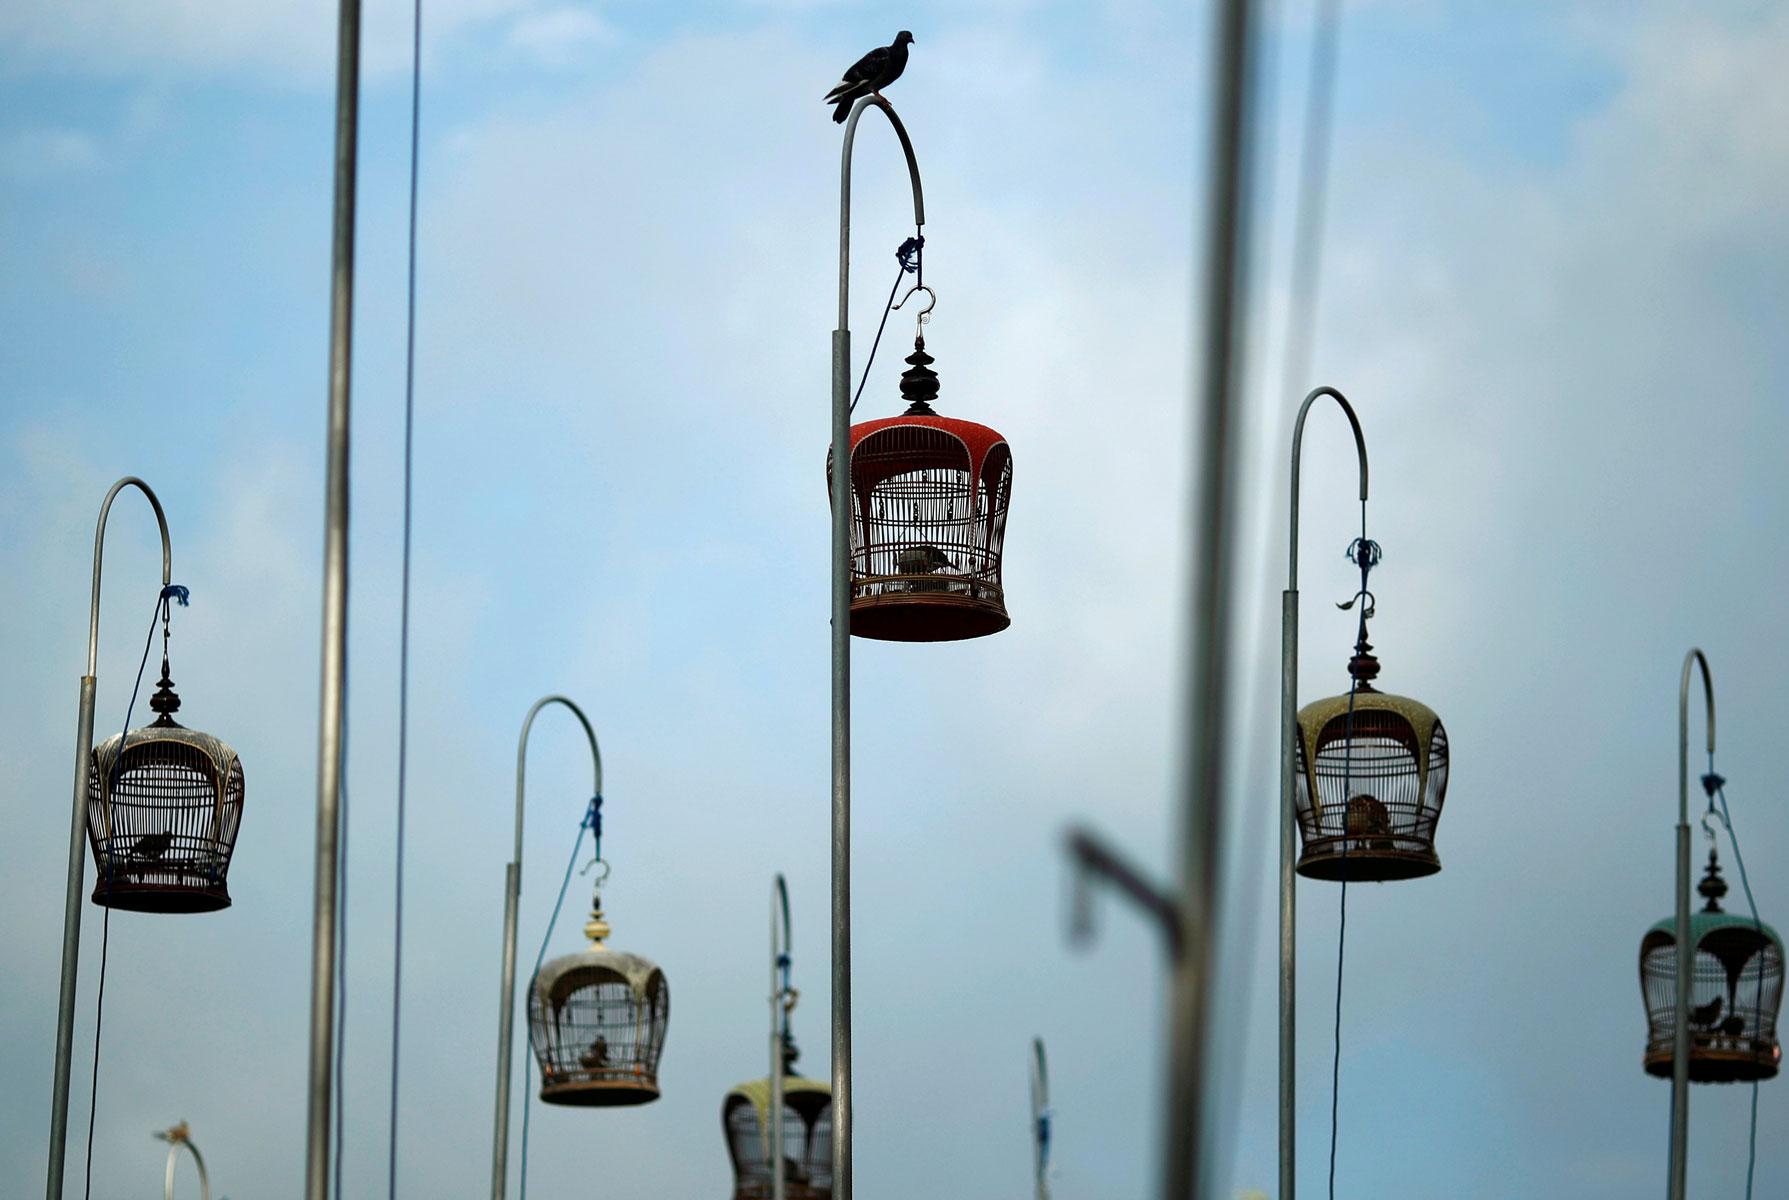 В Сингапуре несколько раз вгод проходят птичьи перформансы — полосатые горлицы вклетках соревнуются впении. Наэтом снимке можно увидеть неожиданного гостя — голубя